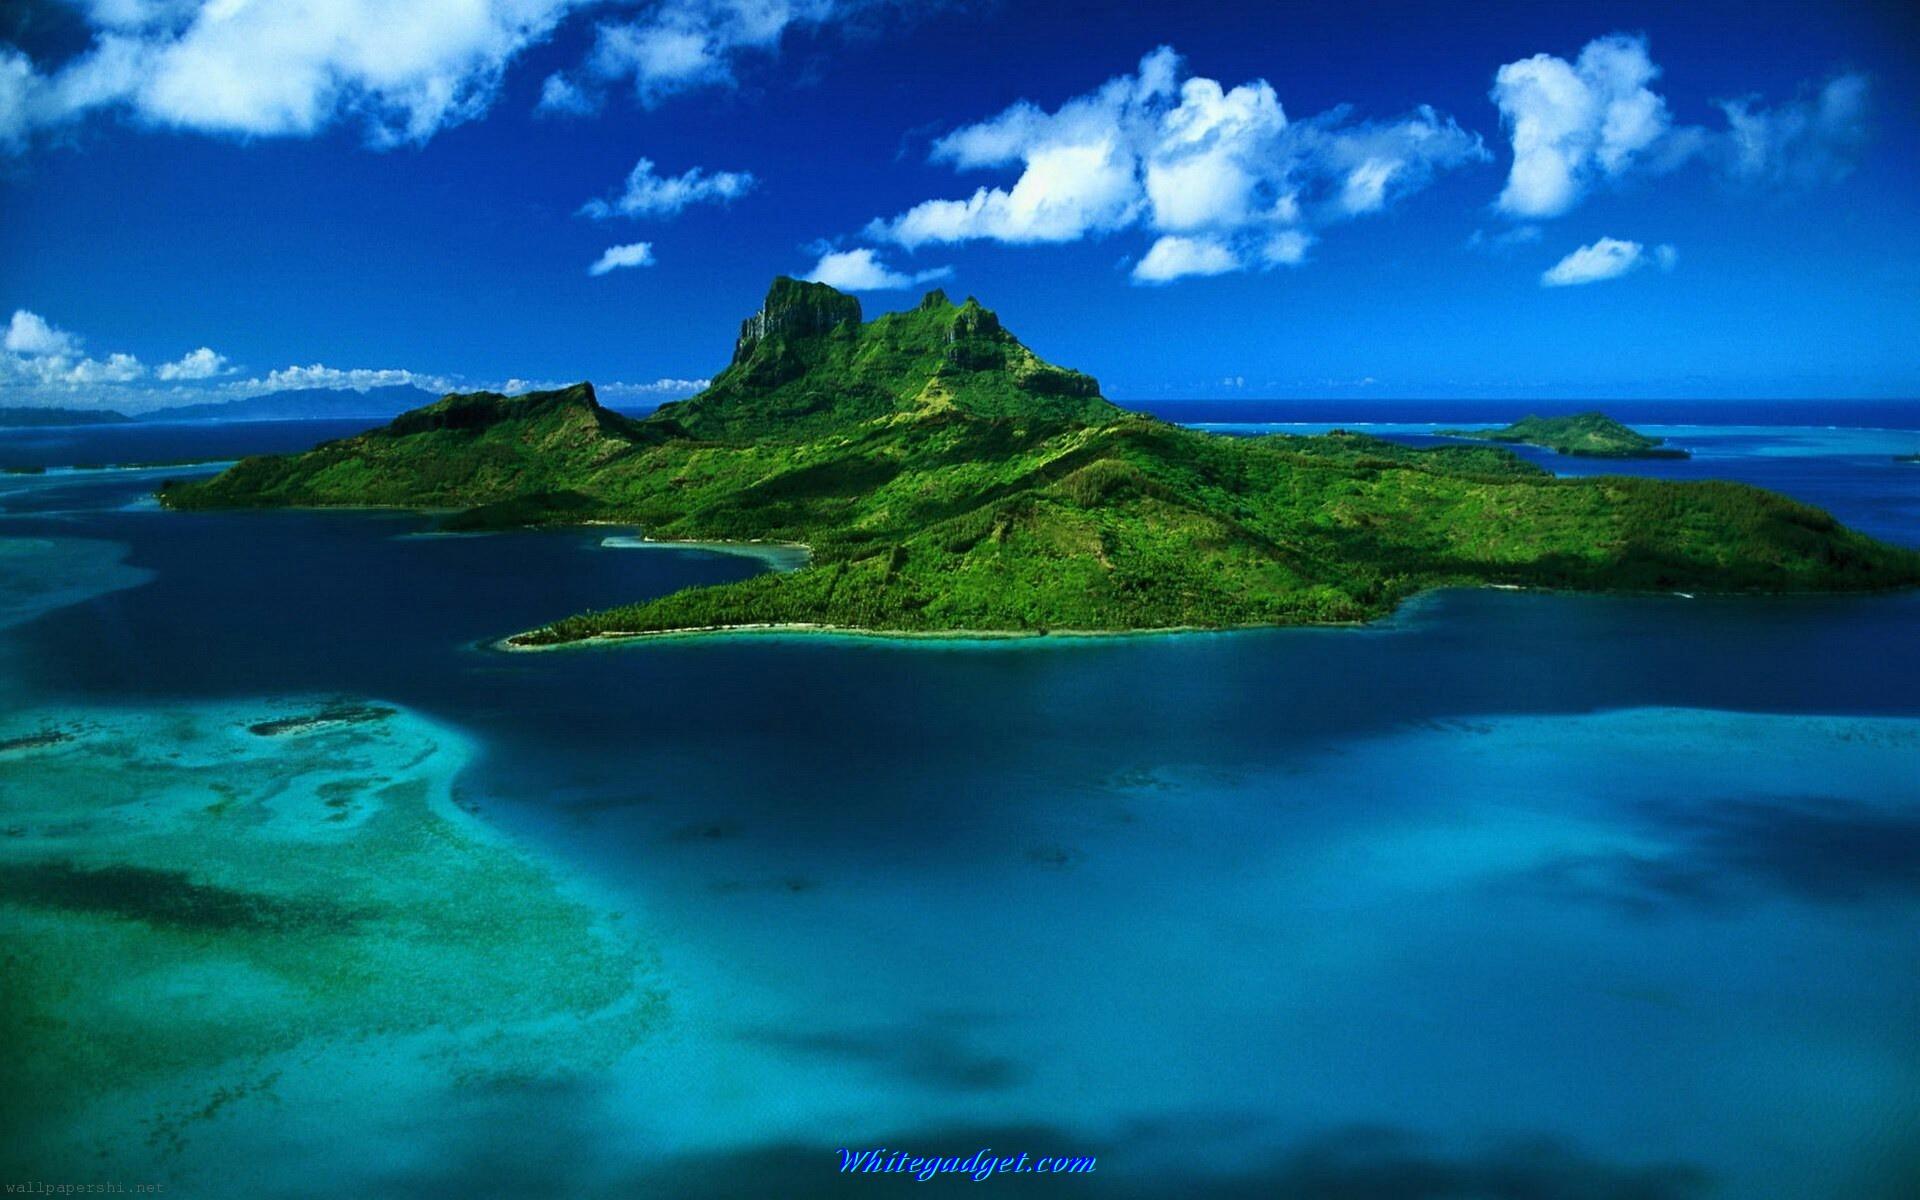 110811d1340614223 ocean wallpaper ocean picturejpg 1920x1200